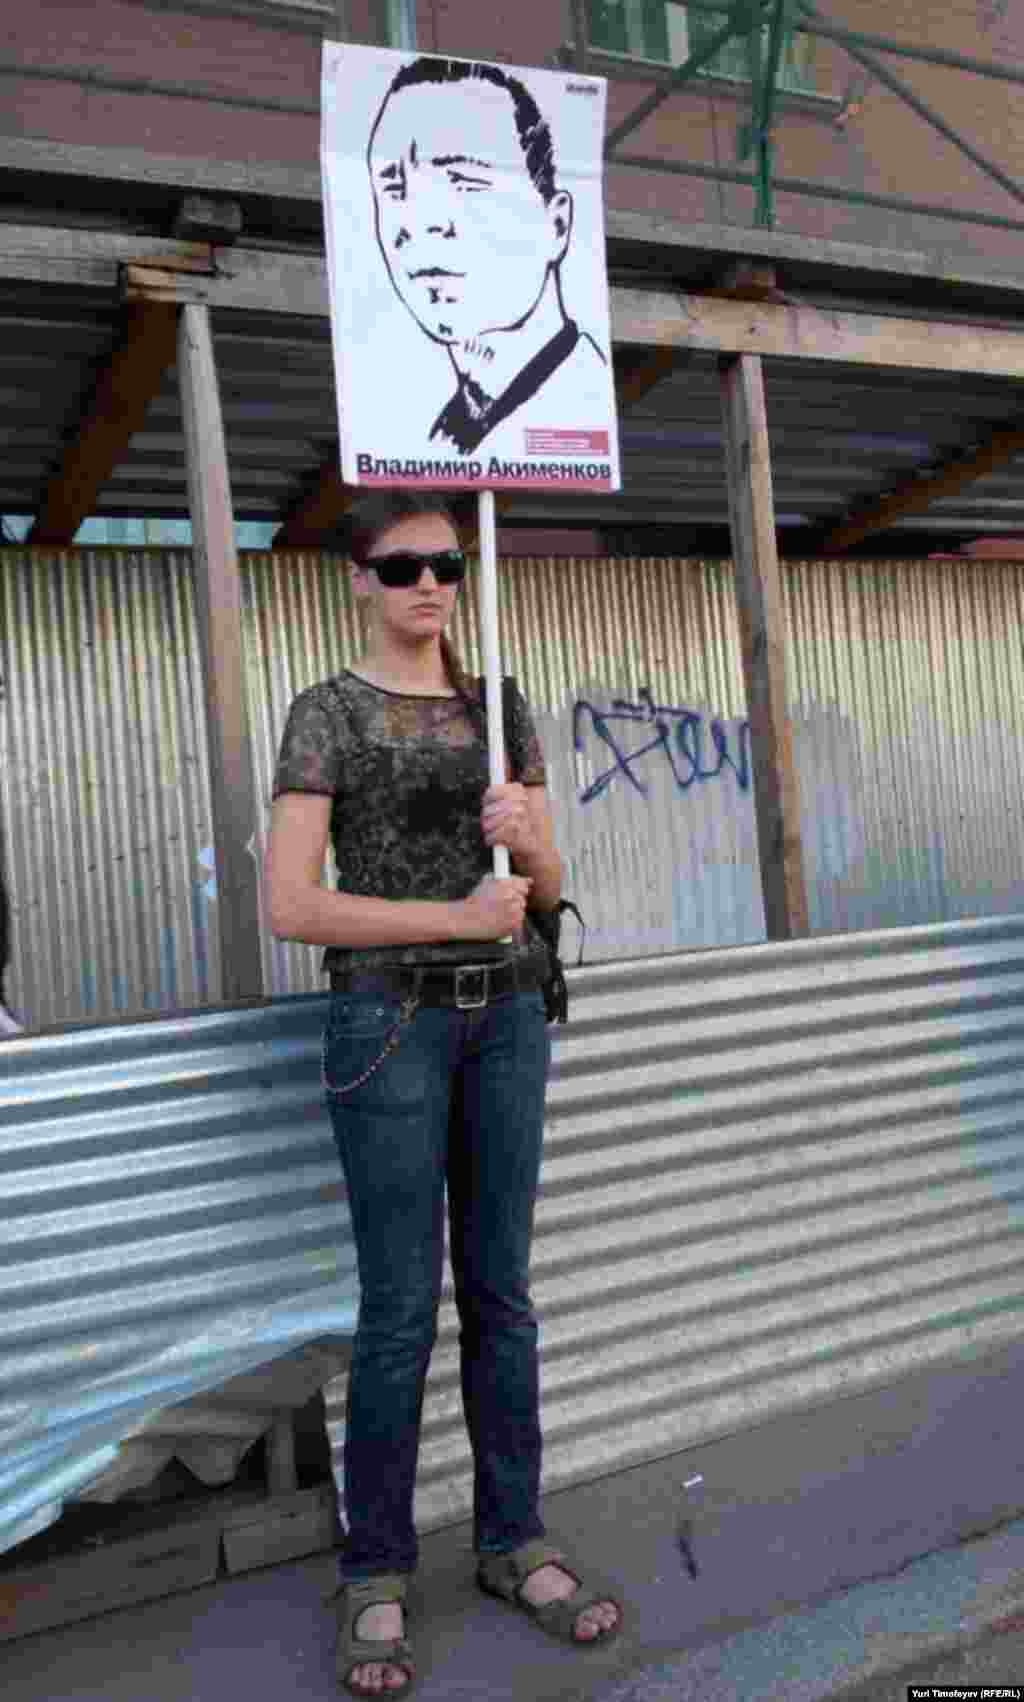 По краям #оккупайсу одиночные пикеты в поддержку узников #6мая